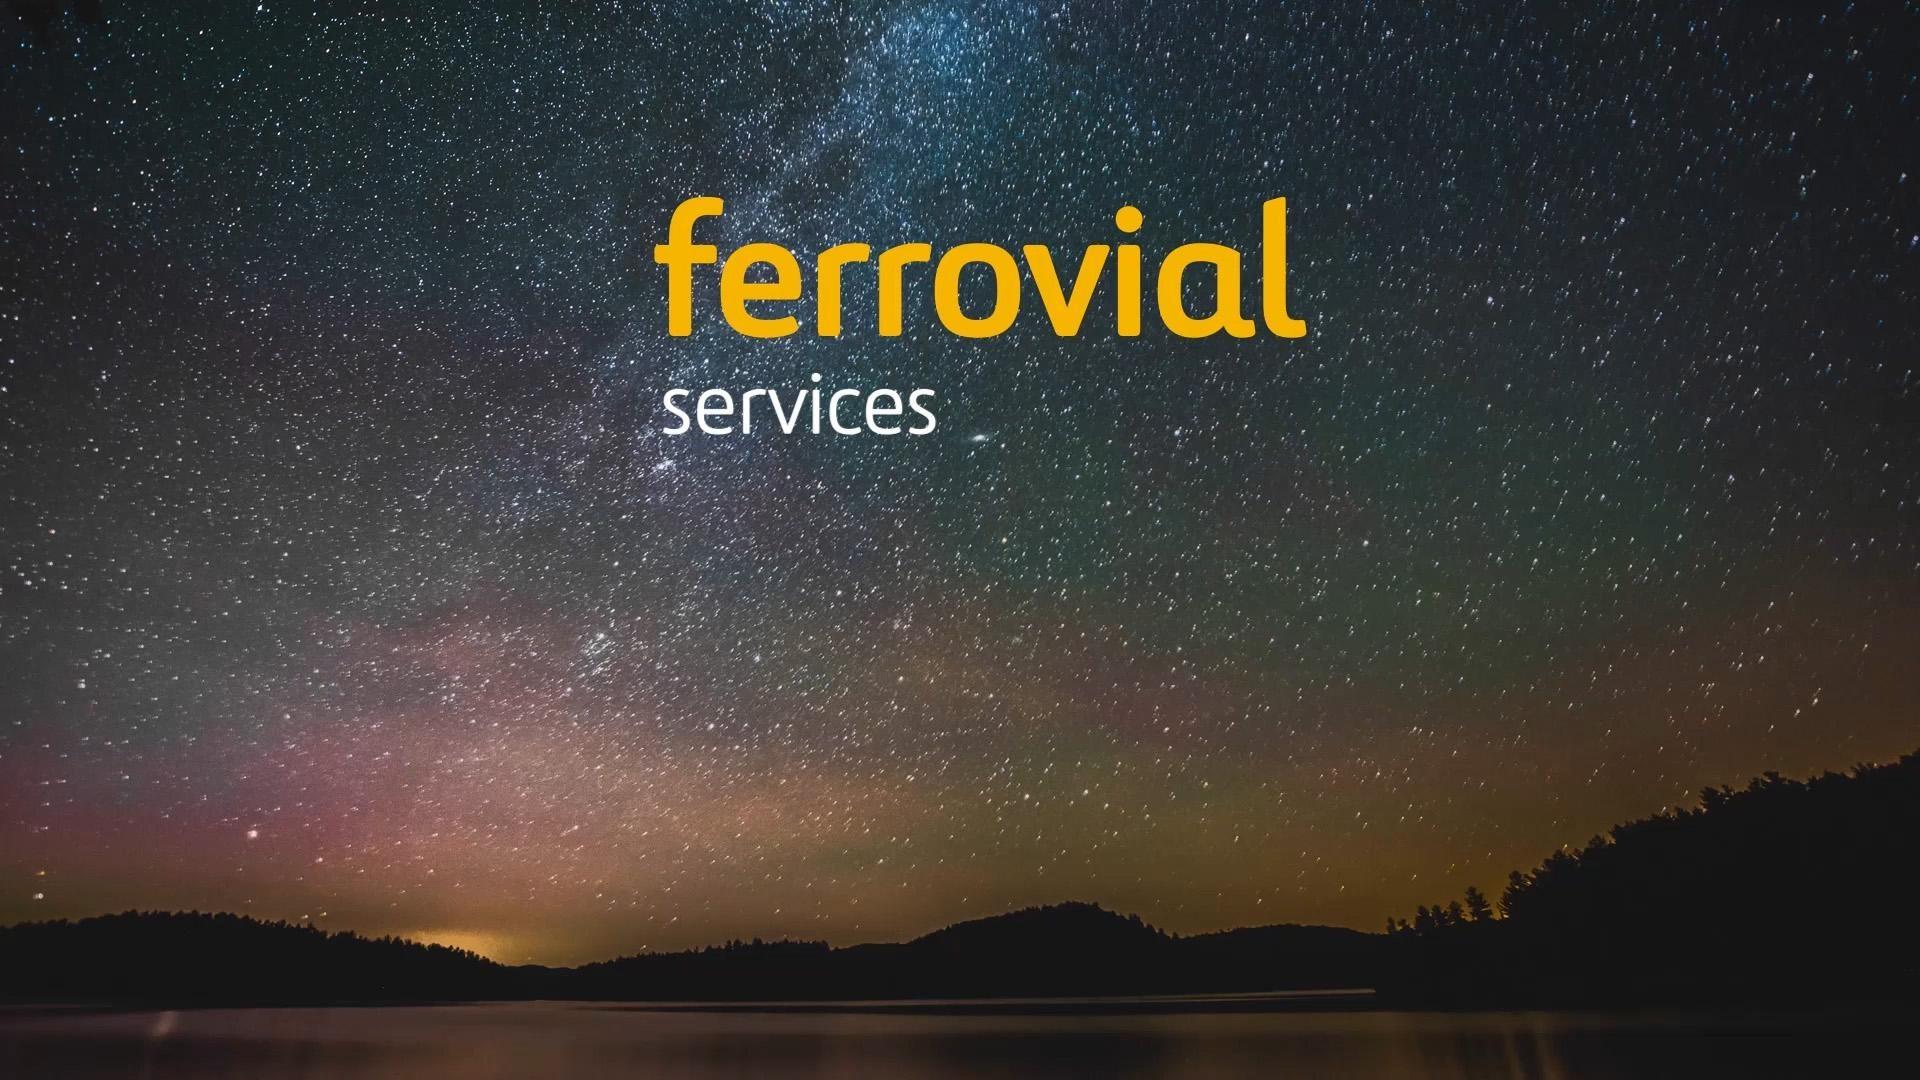 Ferrovial services north america